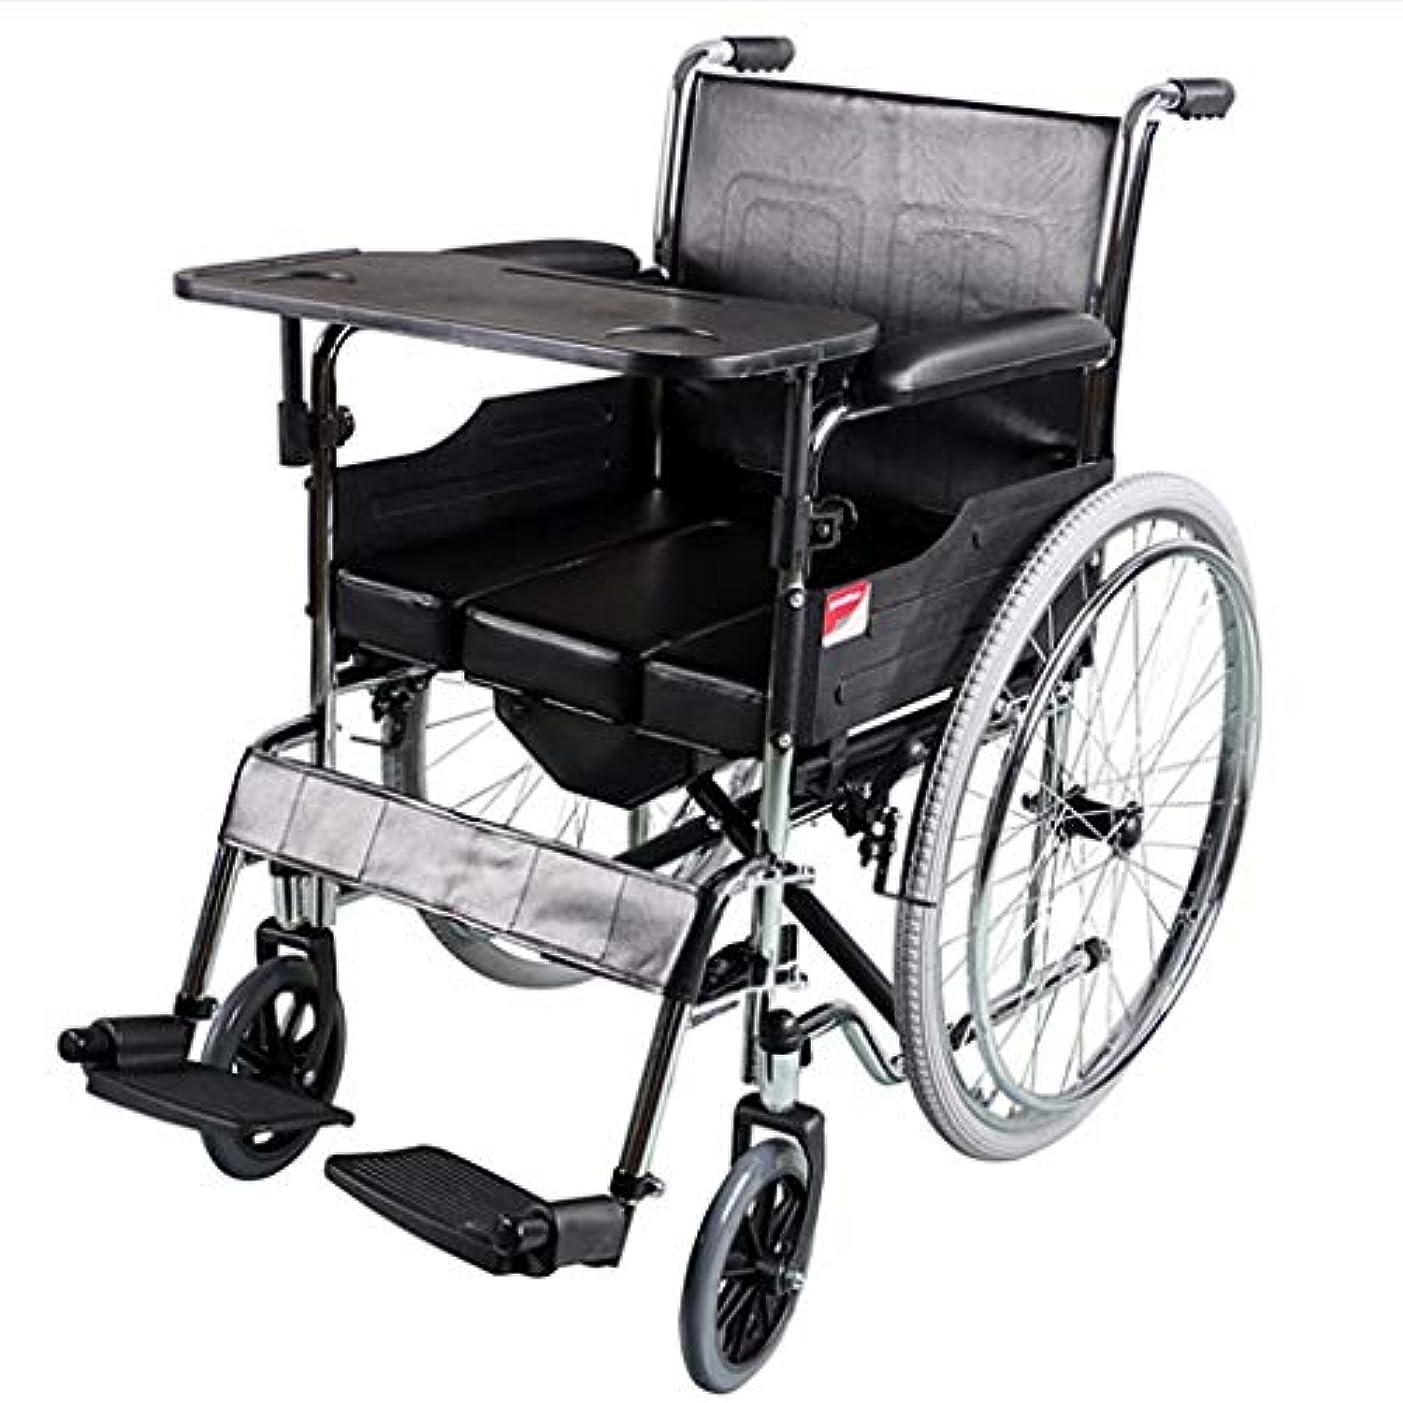 ホステスウッズシール可動式トイレ/折りたたみ式/統合型車椅子、食事用テーブル付き車椅子多機能。高齢者障害者支援